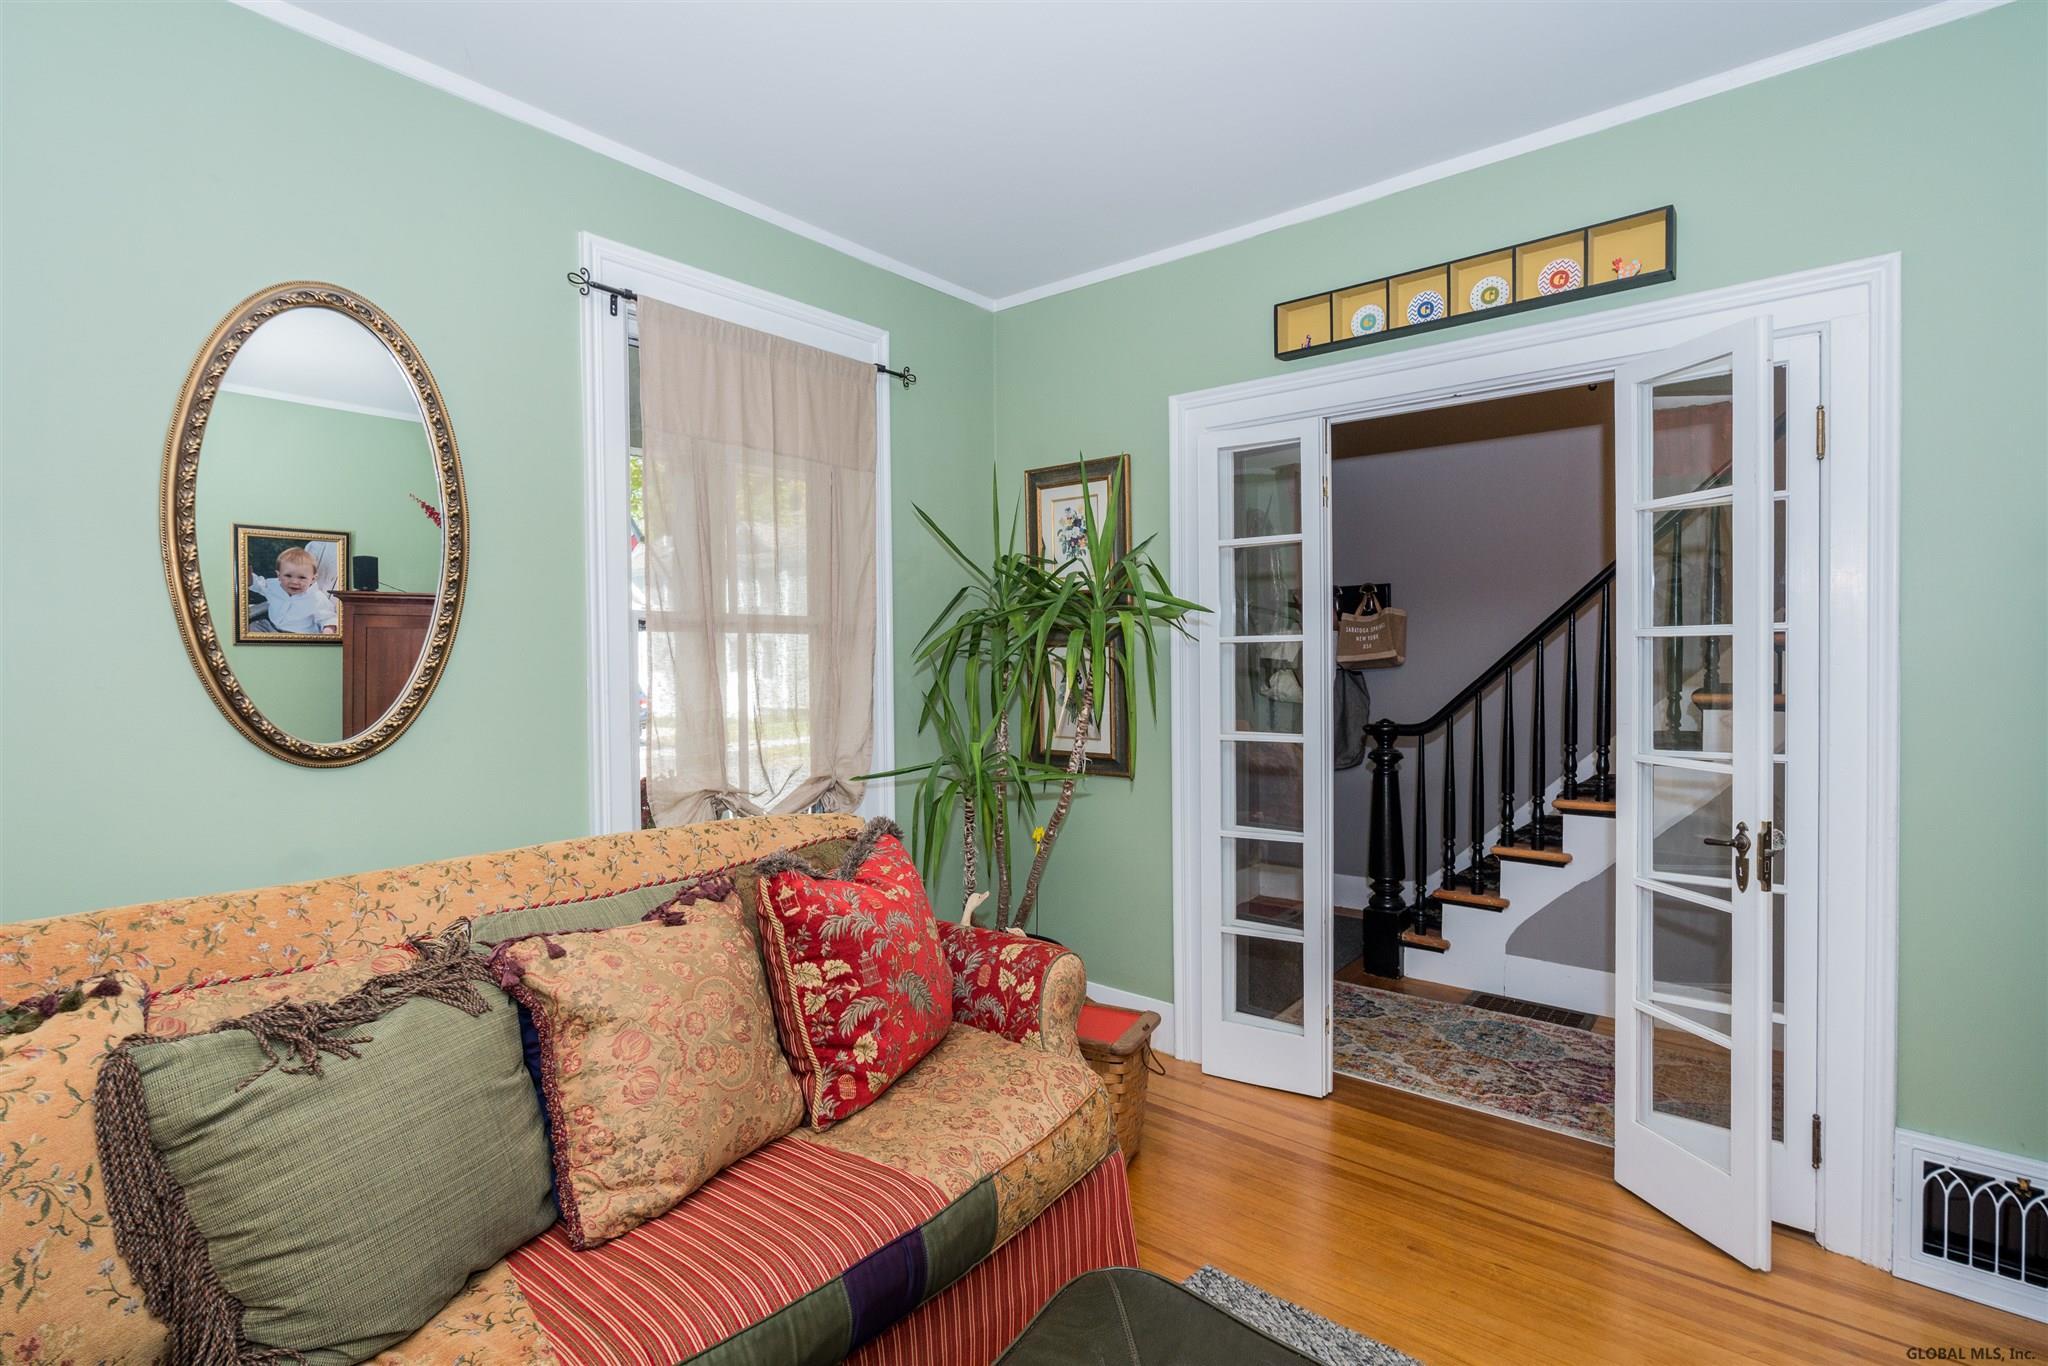 Saratoga S image 6